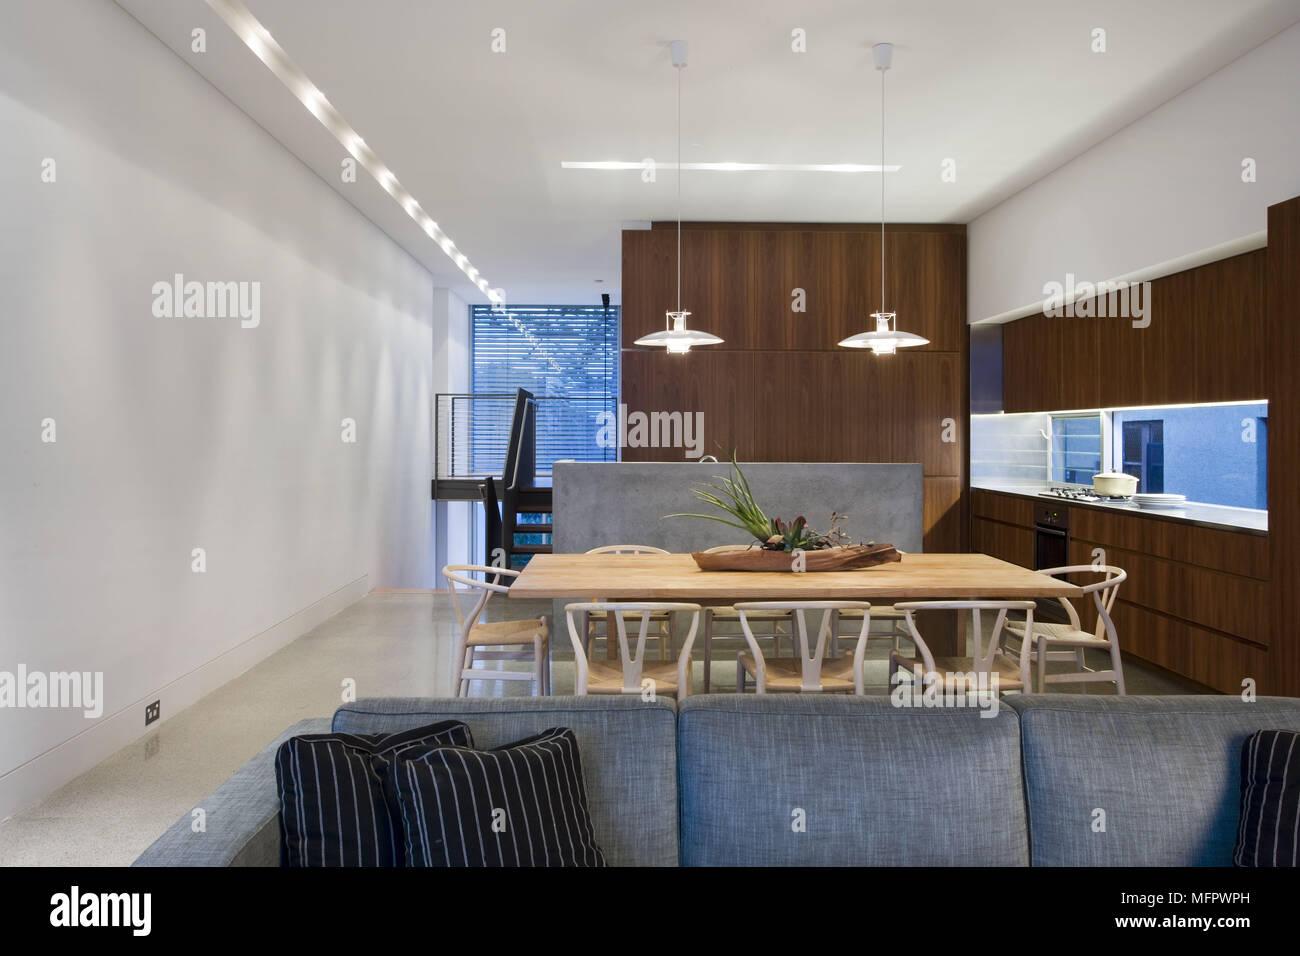 Deckenleuchten oben Holztisch in offene moderne Küche mit ...